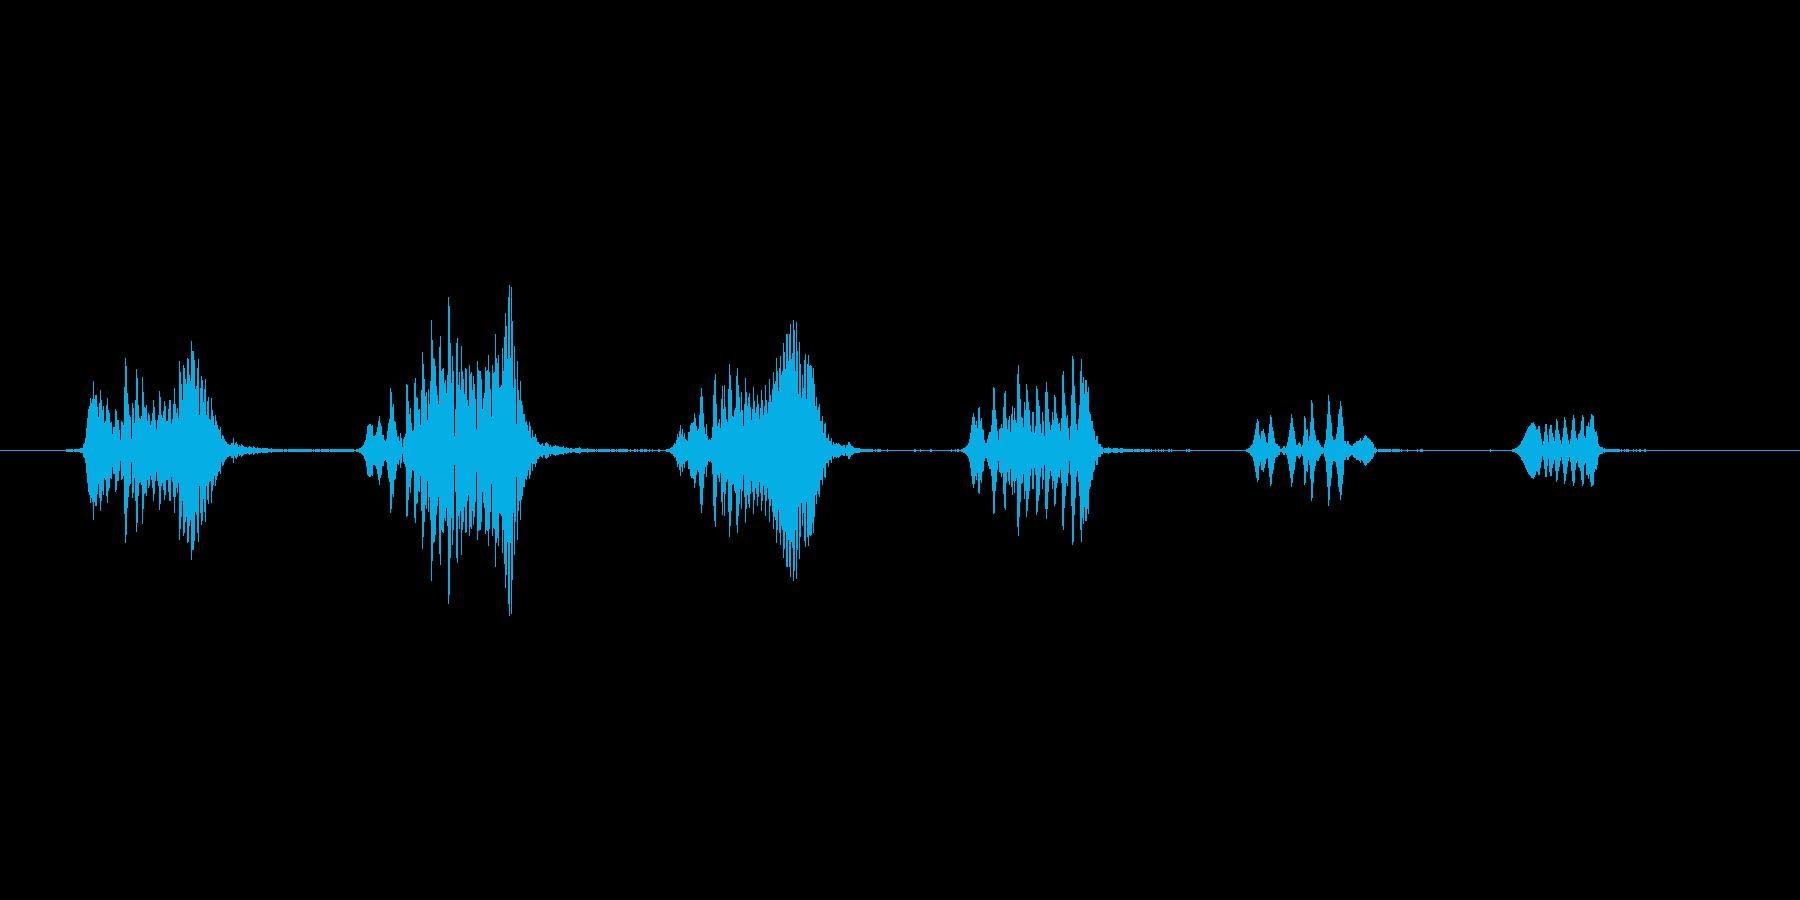 【笑い声】フッフッフッフッフ…の再生済みの波形